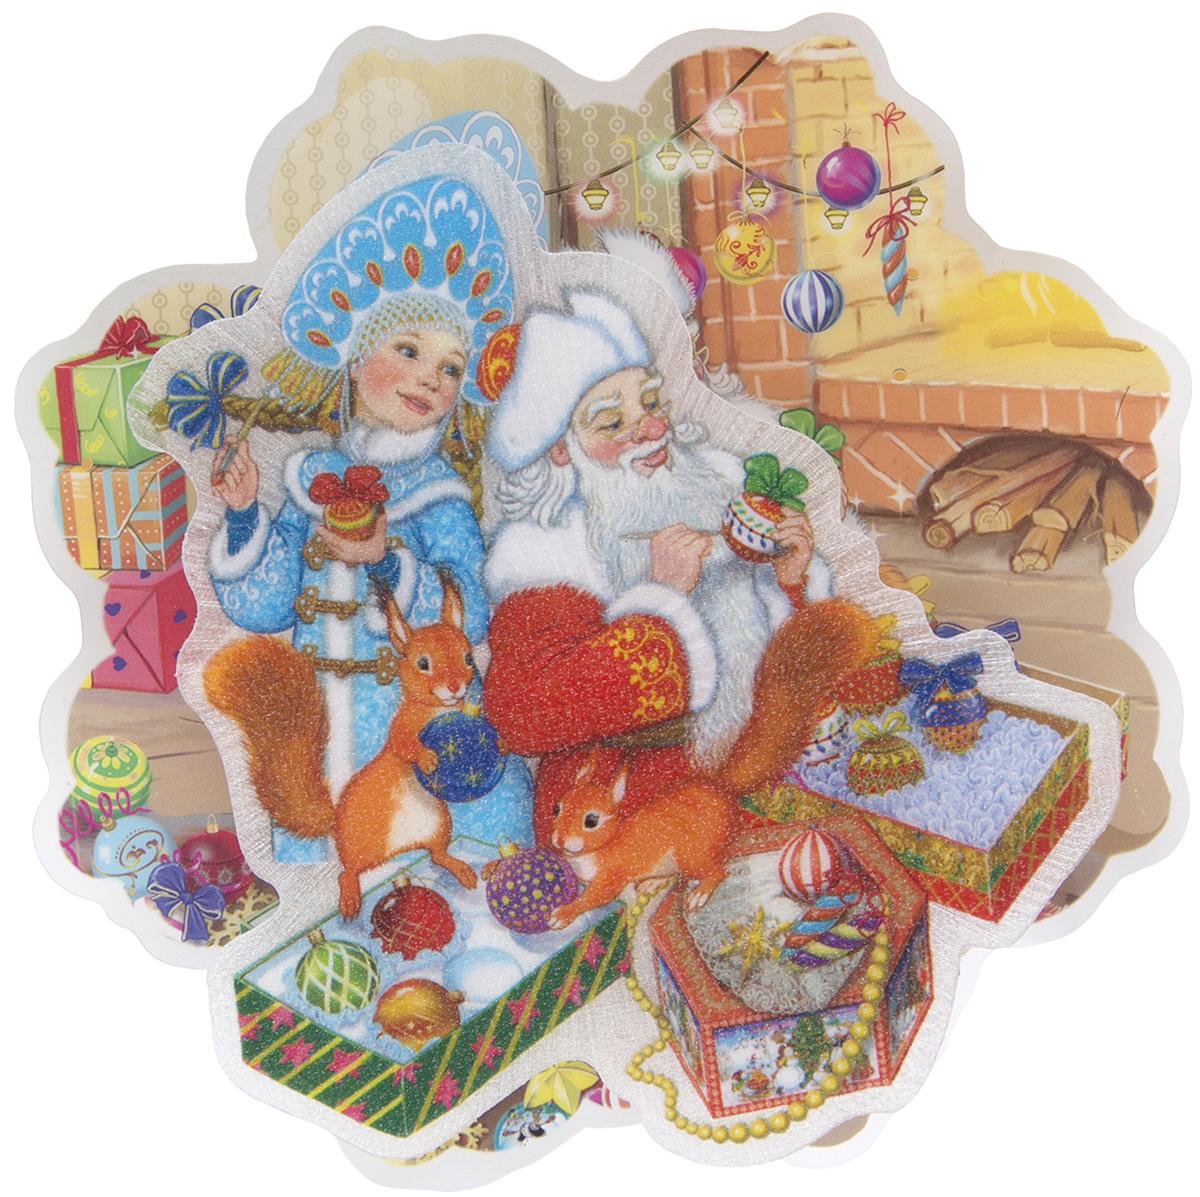 Украшение новогоднее Magic Time Внучка Деда Мороза, с подсветкой украшение новогоднее magic time снеговики со светодиодной подсветкой на присоске 10 5 x 10 x 3 см